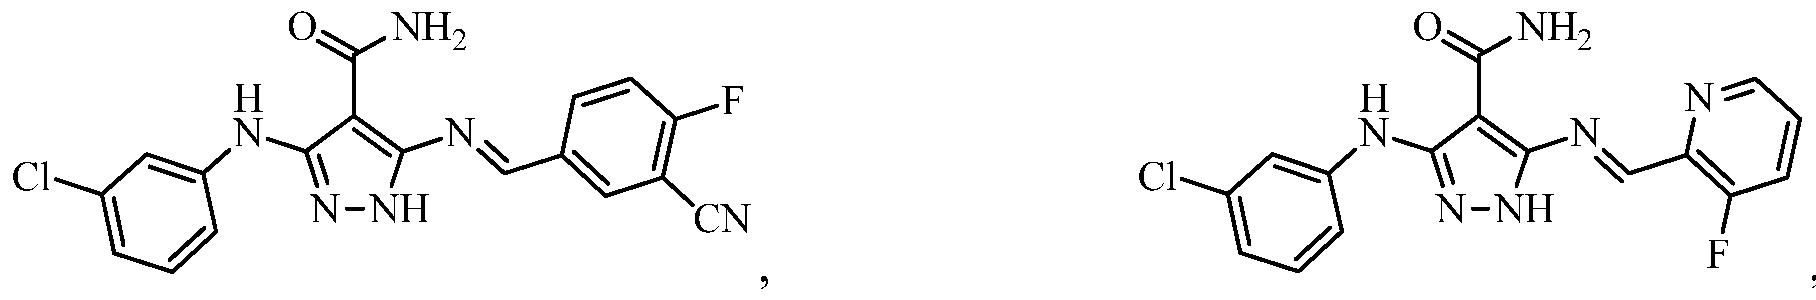 Figure imgf000177_0007